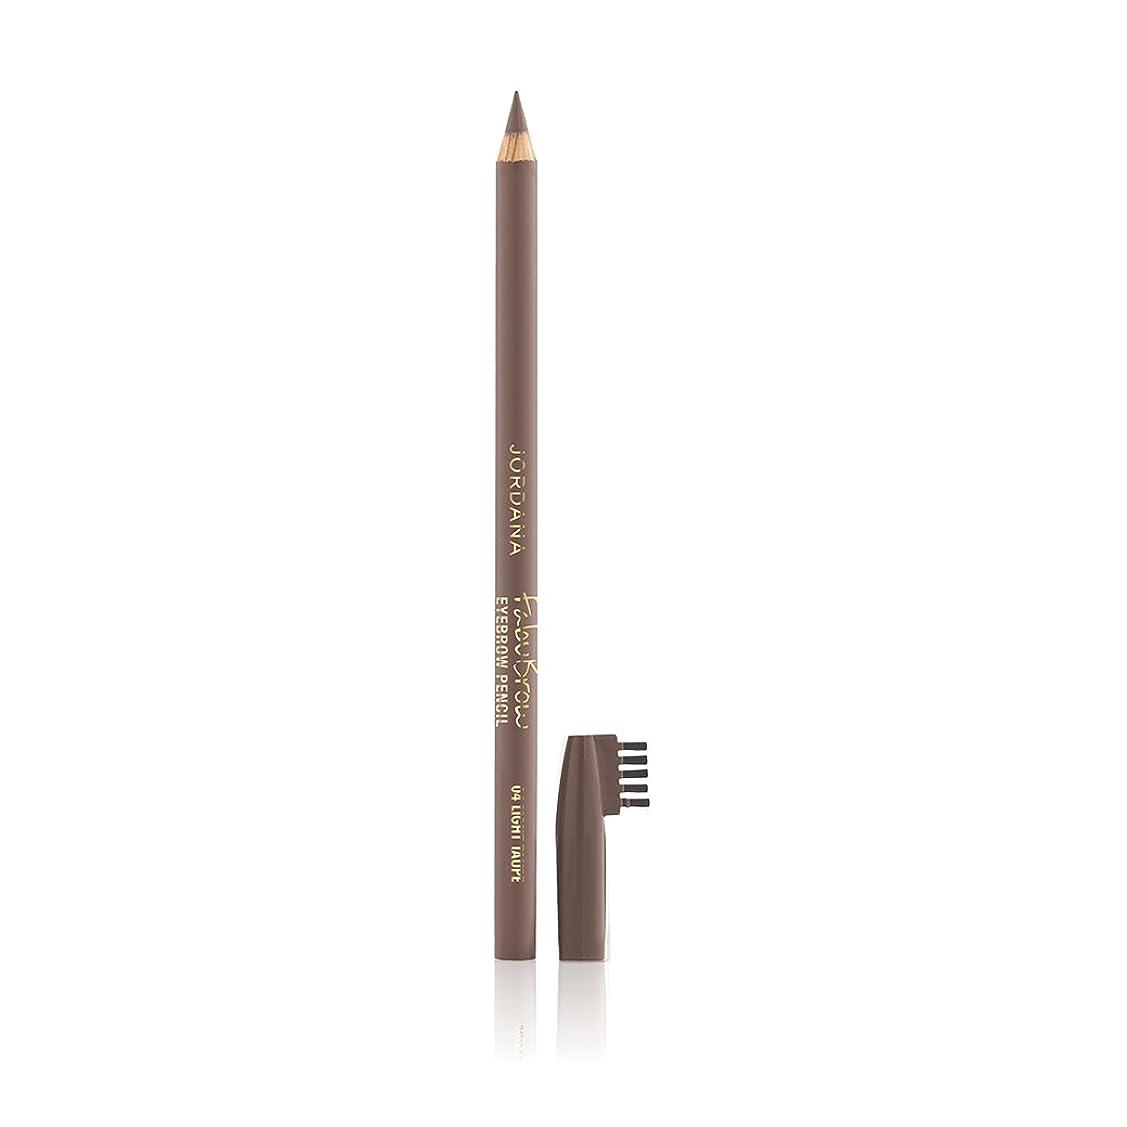 路地他の日降ろすJORDANA Fabubrow Eyebrow Pencil Light Taupe (並行輸入品)